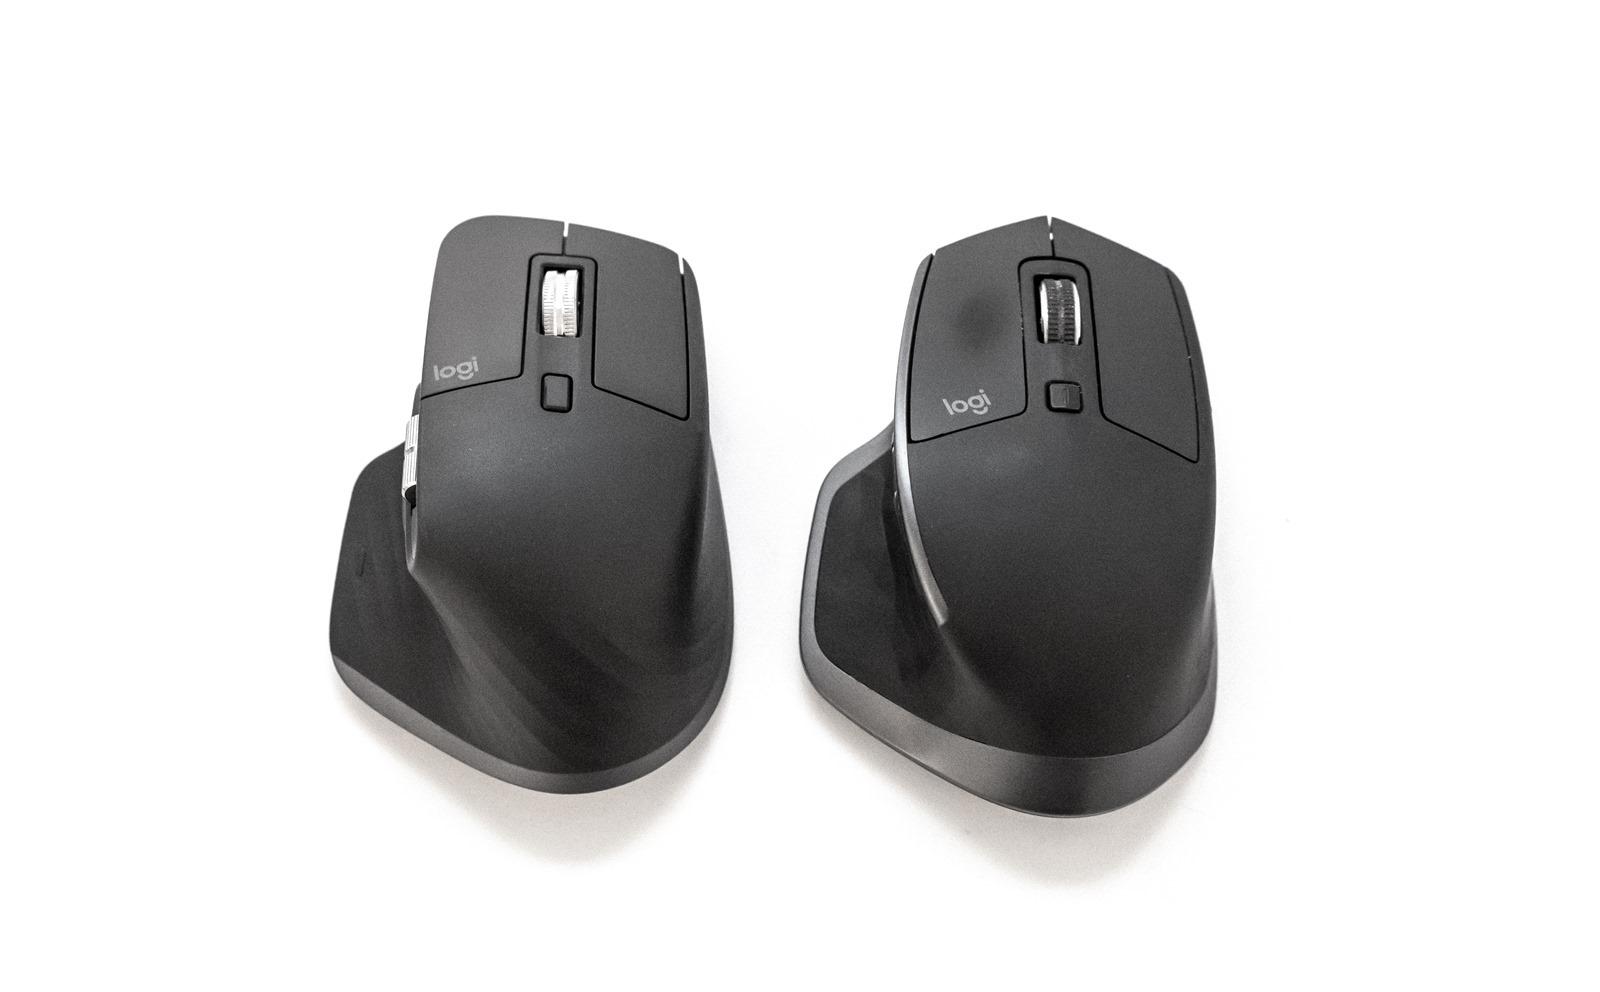 羅技辦公室新鼠王 MX Master 3 開箱!還有與 MX Master 2s 使用初步感受分享 @3C 達人廖阿輝